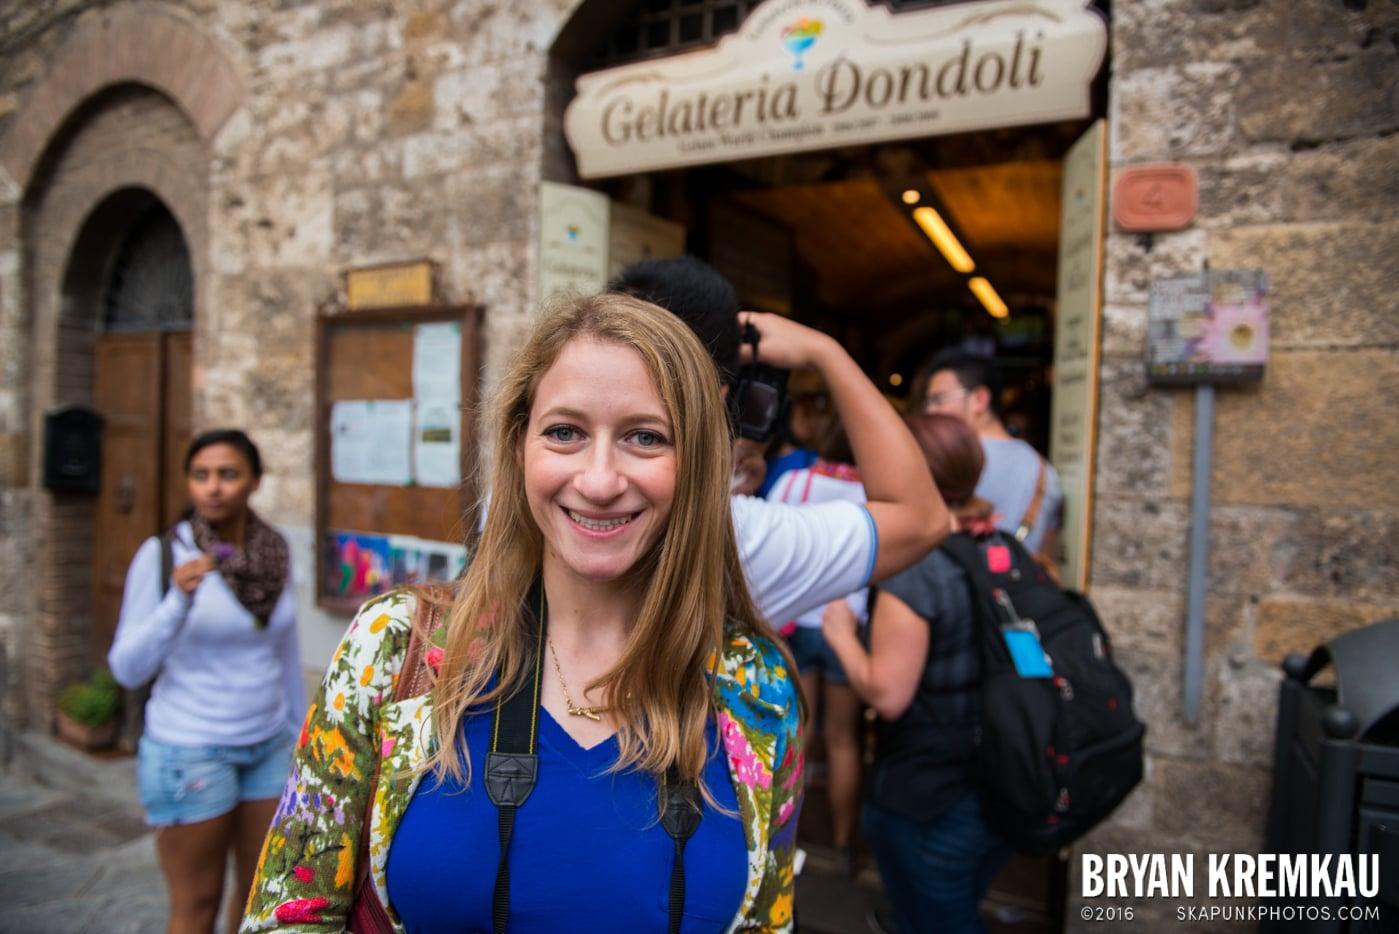 Italy Vacation - Day 8: Siena, San Gimignano, Chianti, Pisa - 9.16.13 (68)